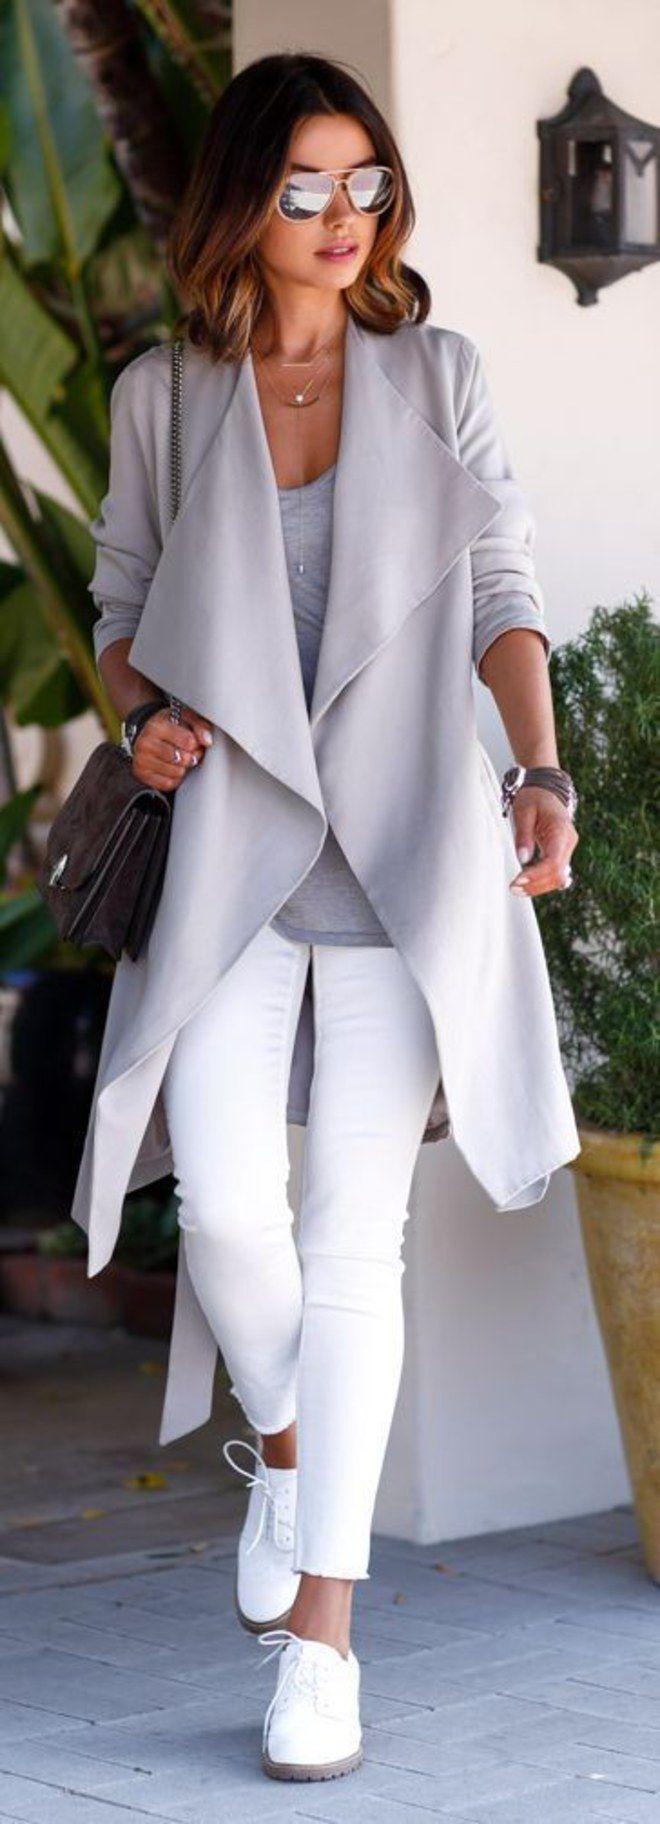 Você vai pirar com essas sugestões de looks com sapatos brancos!